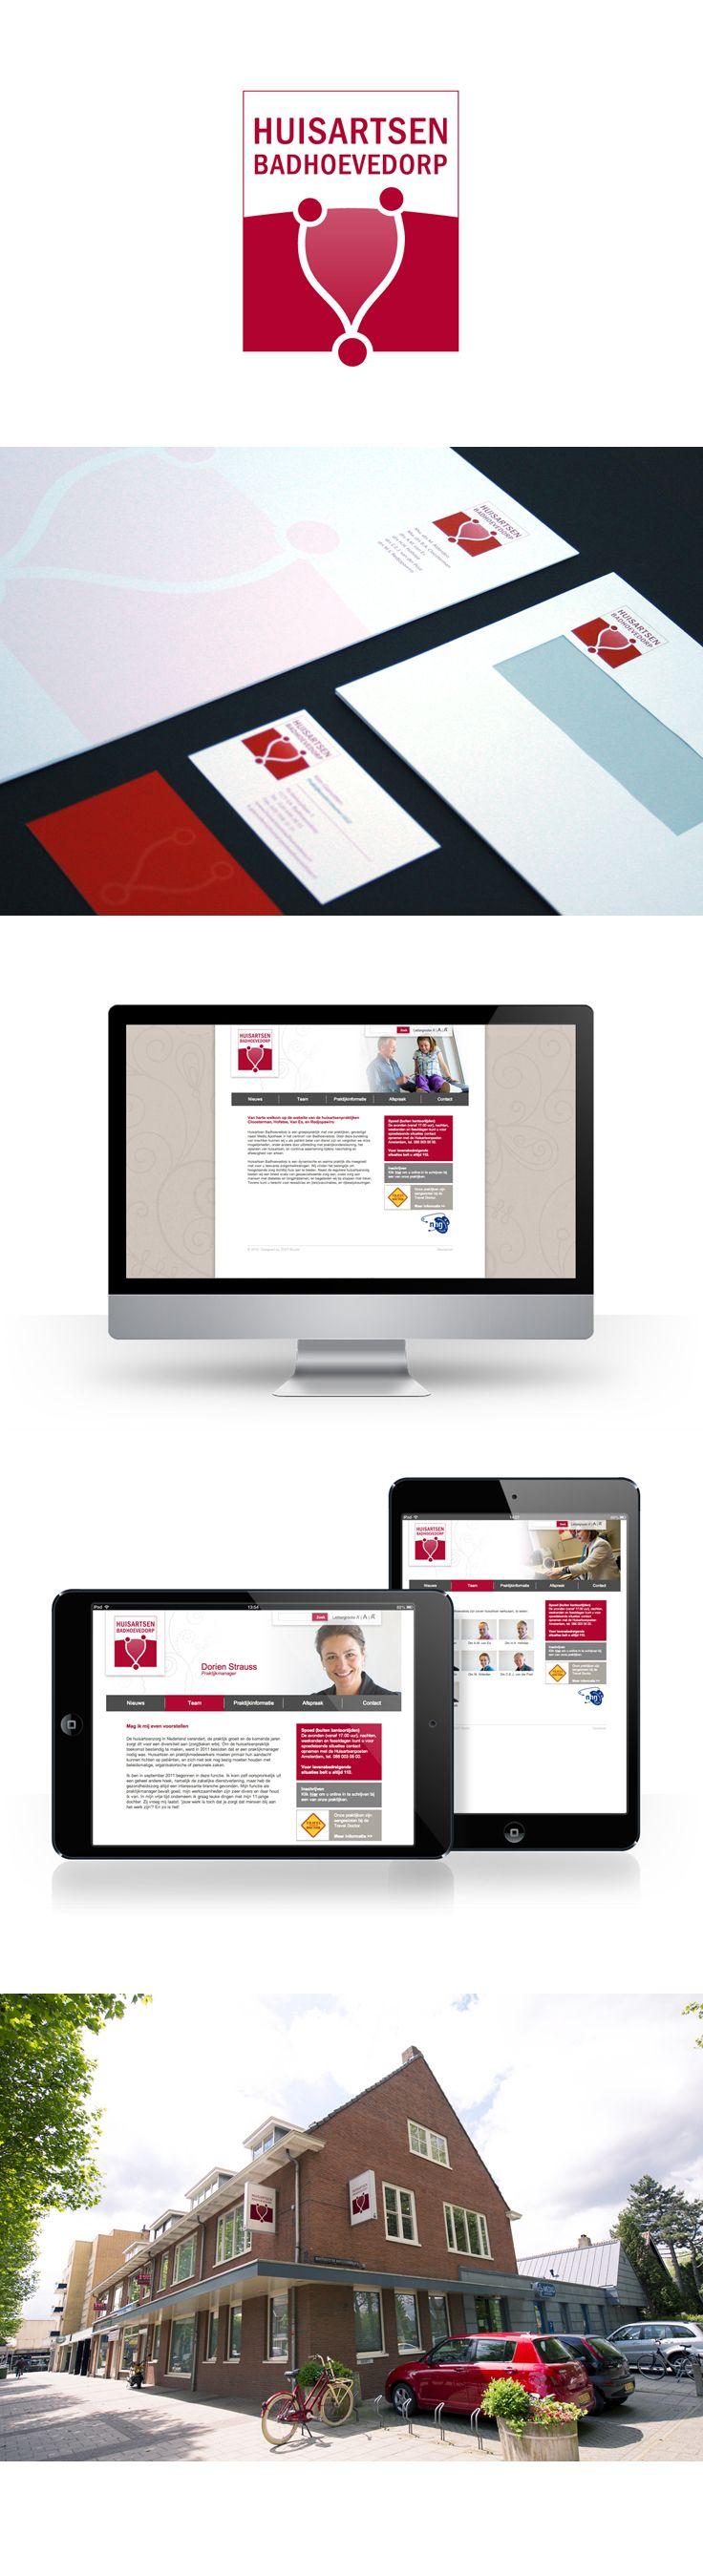 Huisartsen Badhoevedorp is een groepspraktijk met vier praktijken, gevestigd naast Mediq Apotheek in het centrum van Badhoevedorp. Het is een dynamische en warme praktijk die meegroeit met de voor haar cliënten relevante zorgontwikkelingen. De bij de praktijk aangesloten huisartsen en medewerkenrs vinden het zeer belangrijk om hoogstaande zorg dichtbij huis aan te kunnen bieden. Voor Huisartsen Badhoevedorp heeft ZIGT Studio een logo, huisstijl, website en uithangbord ontwikkeld.